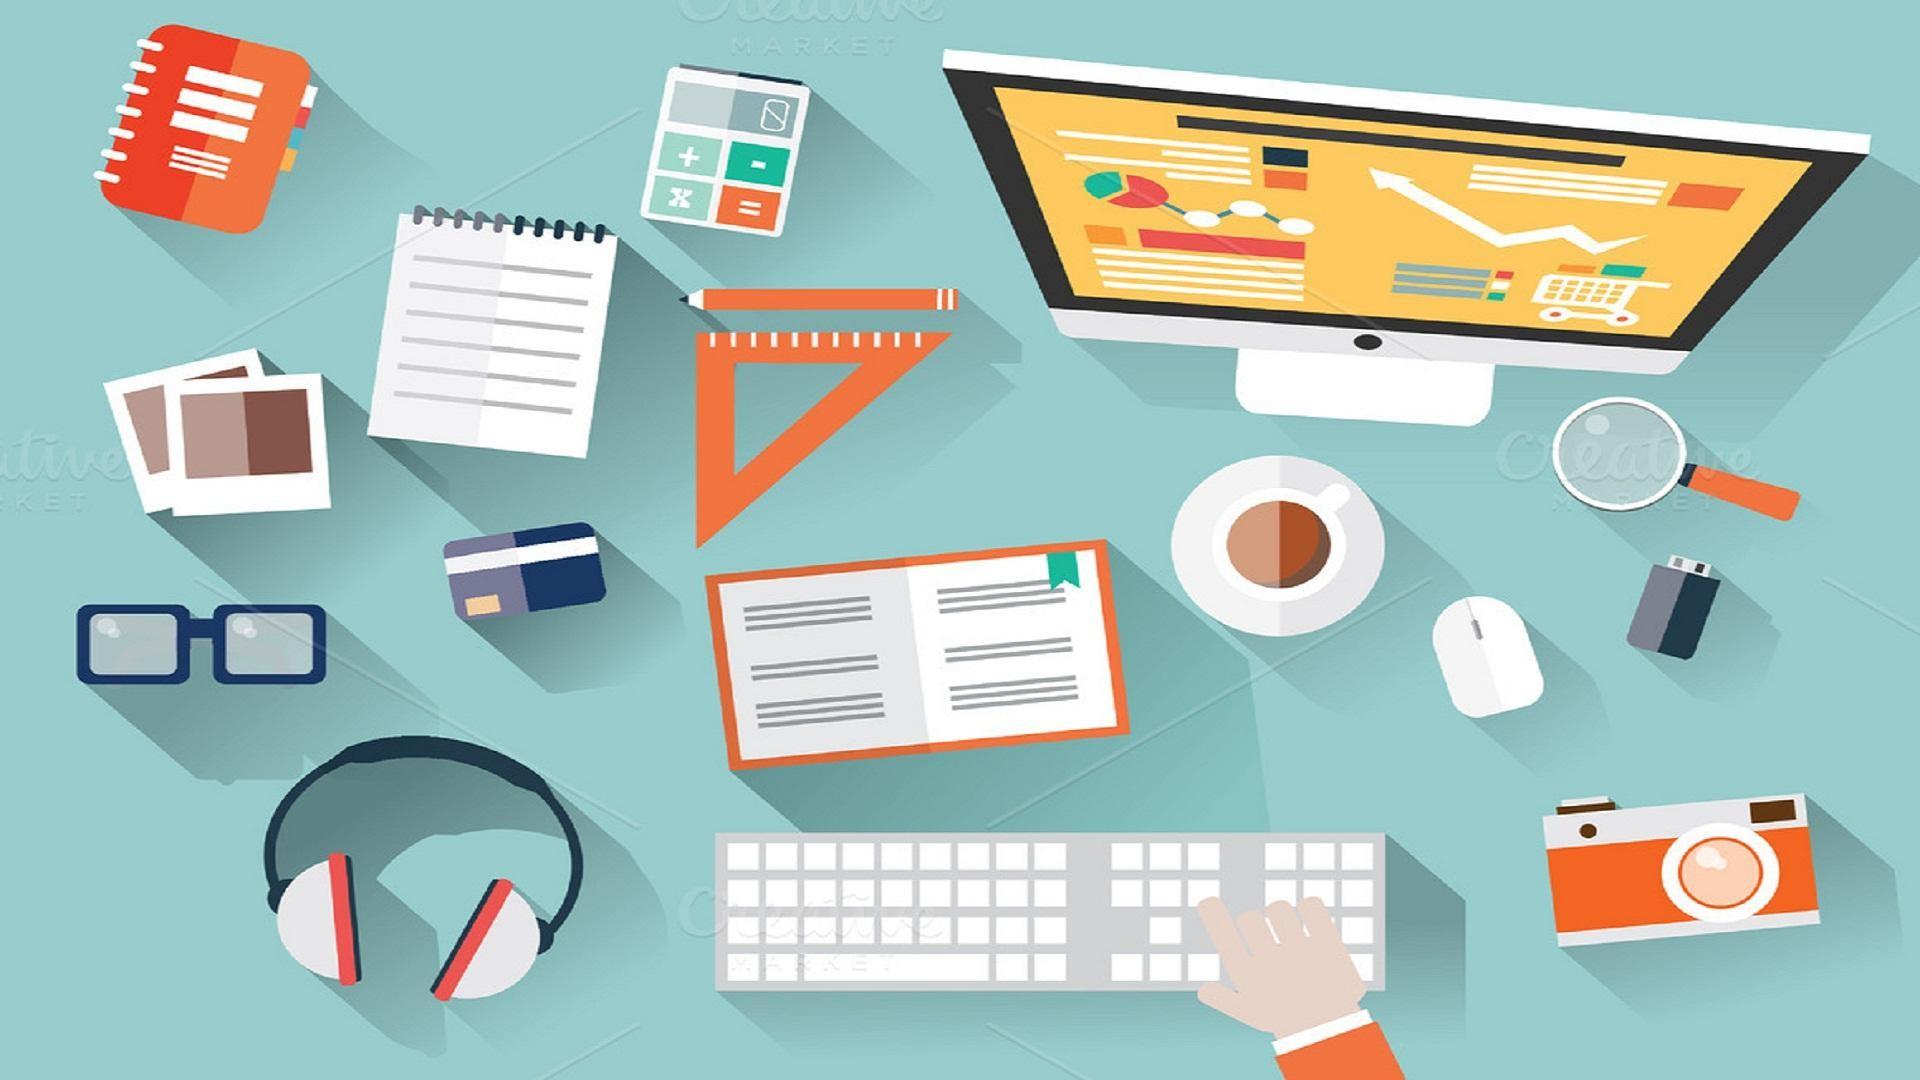 chiến lược marketing khách sạn - tiếp cận khách hàng